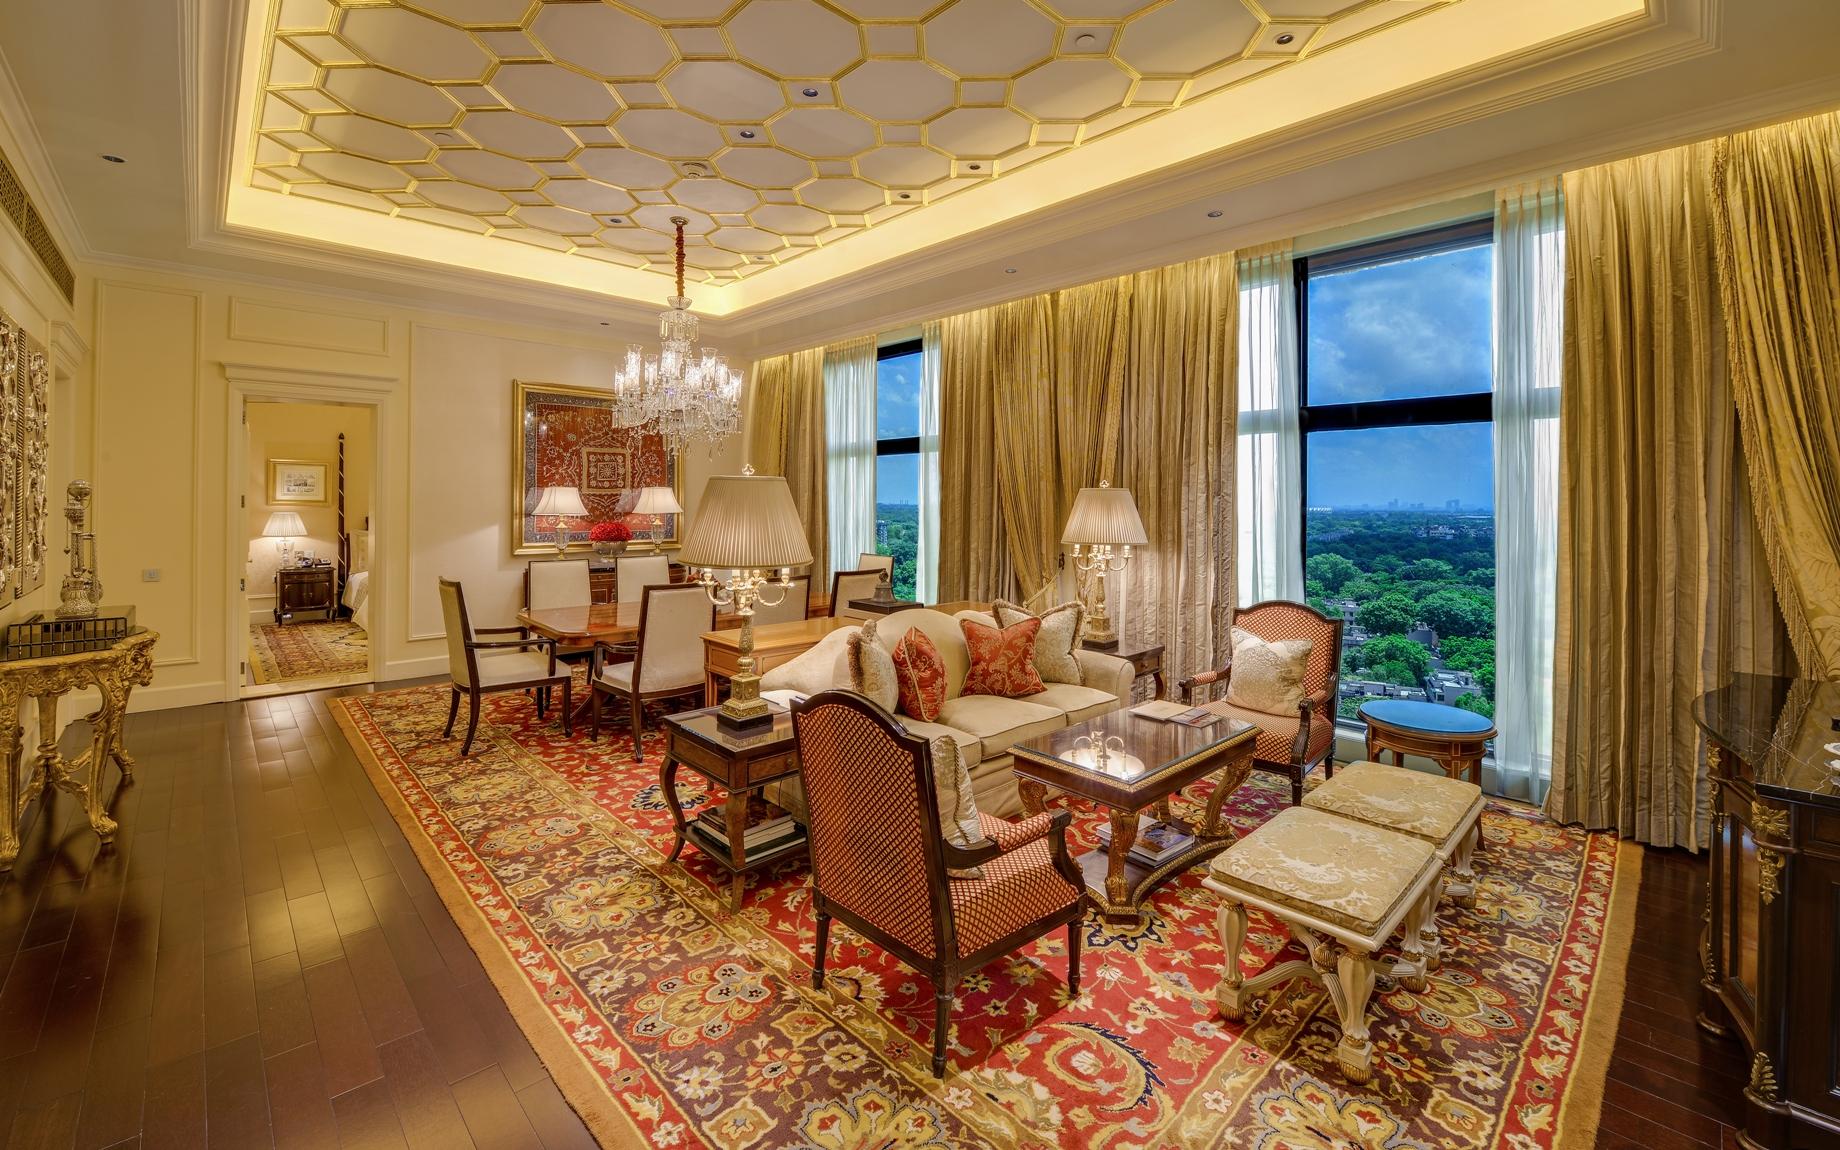 The Leela Palace New Delhi Rooms